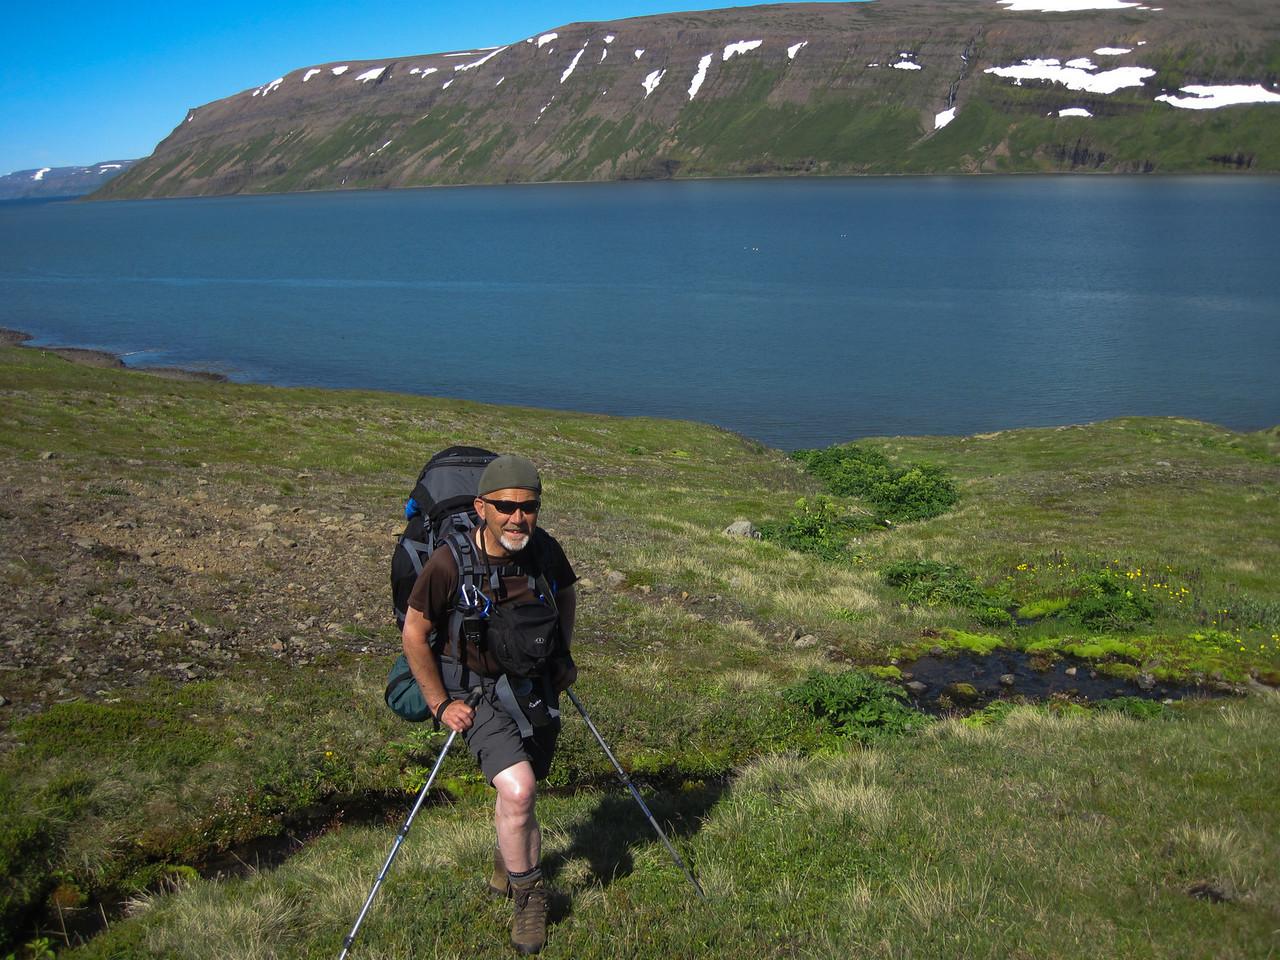 Á þessari mynd má greina bogalögun berglaga í Lónanúpi handan Hrafnfjarðar.